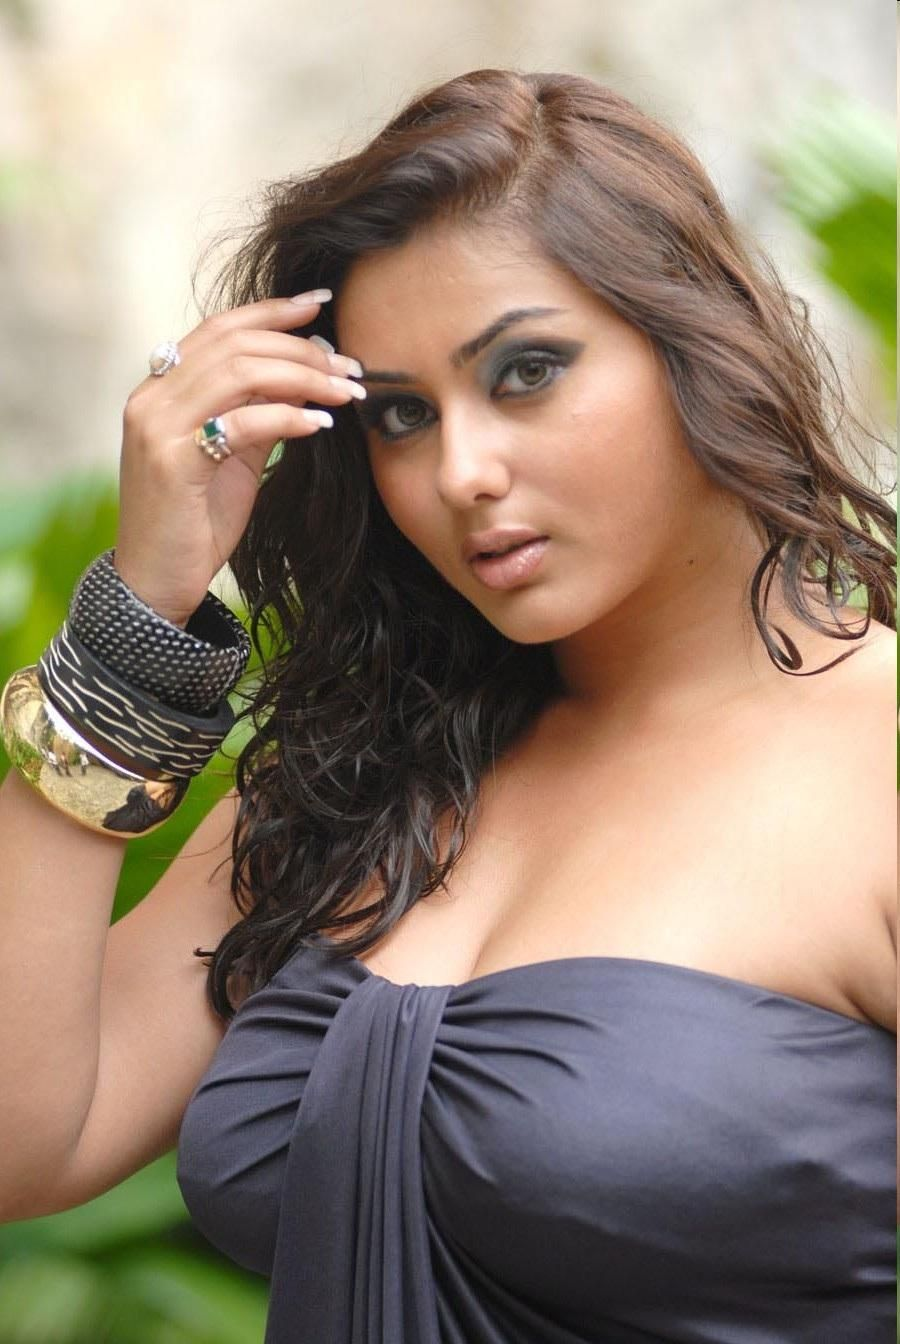 namitha latest picsnamitha height, namitha weight loss, namitha latest pics, namitha pramod photos, namitha hd photos, namitha fb, namitha mukesh hot, namitha temple, namitha pramod wiki, namitha instagram, namitha weight loss 2016, namitha jagan mohini, namitha height and weight, namitha pramod plus two result, namitha photos without dress, namitha hot images, namitha kapoor, namitha actress, namitha pramod age, namitha wiki